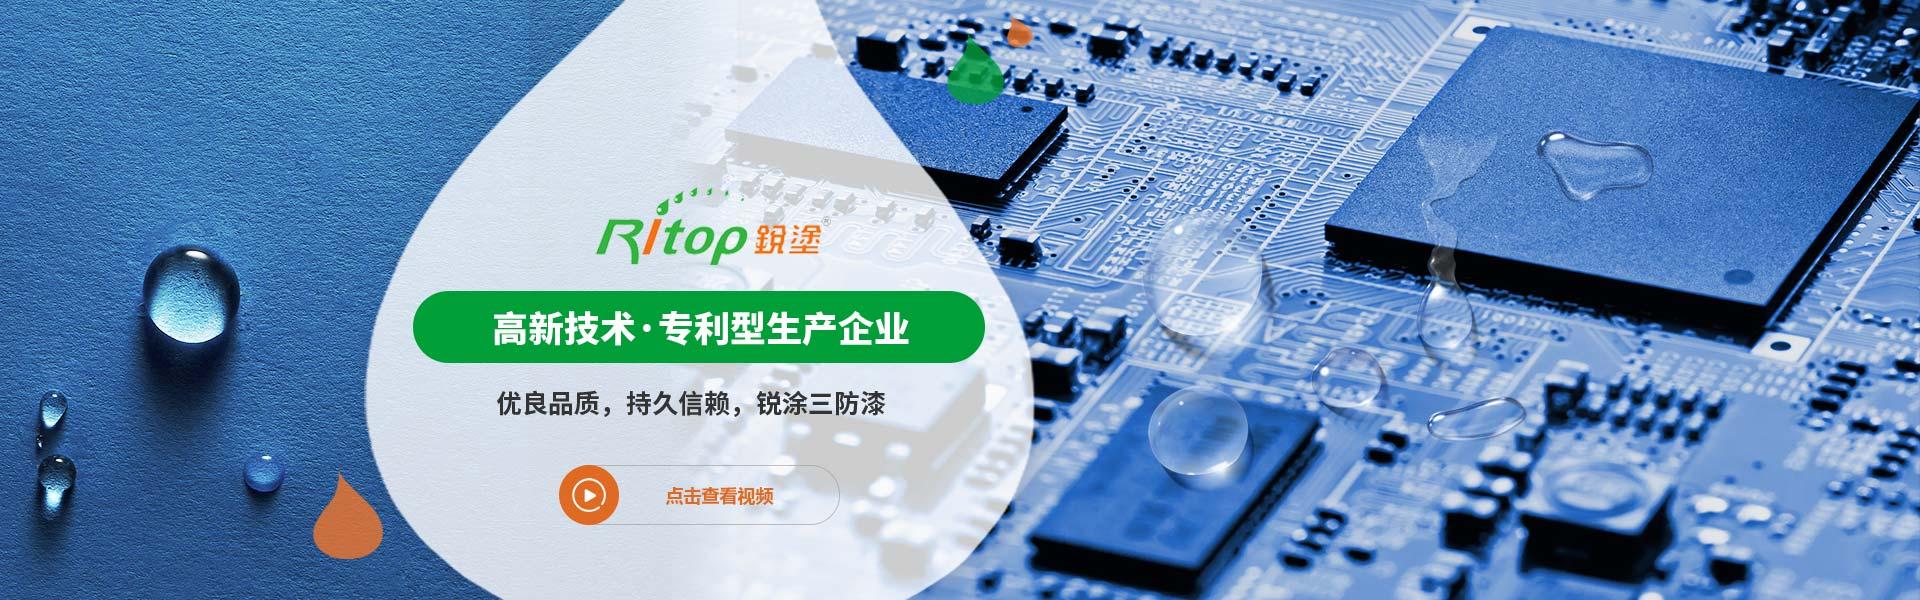 必威亚洲体育必威亚洲官方登陆-CCTV 央视品牌宣传推广企业